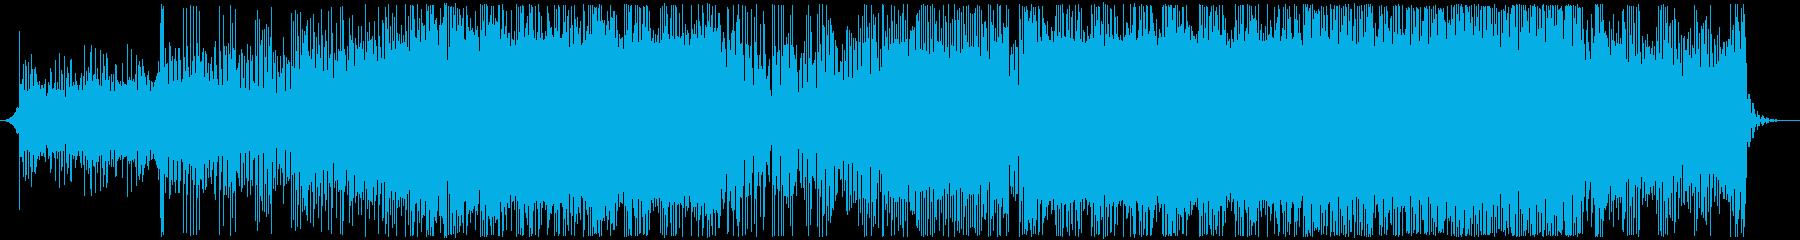 三味線ハウス-2、欧米から見た日本、夜の再生済みの波形